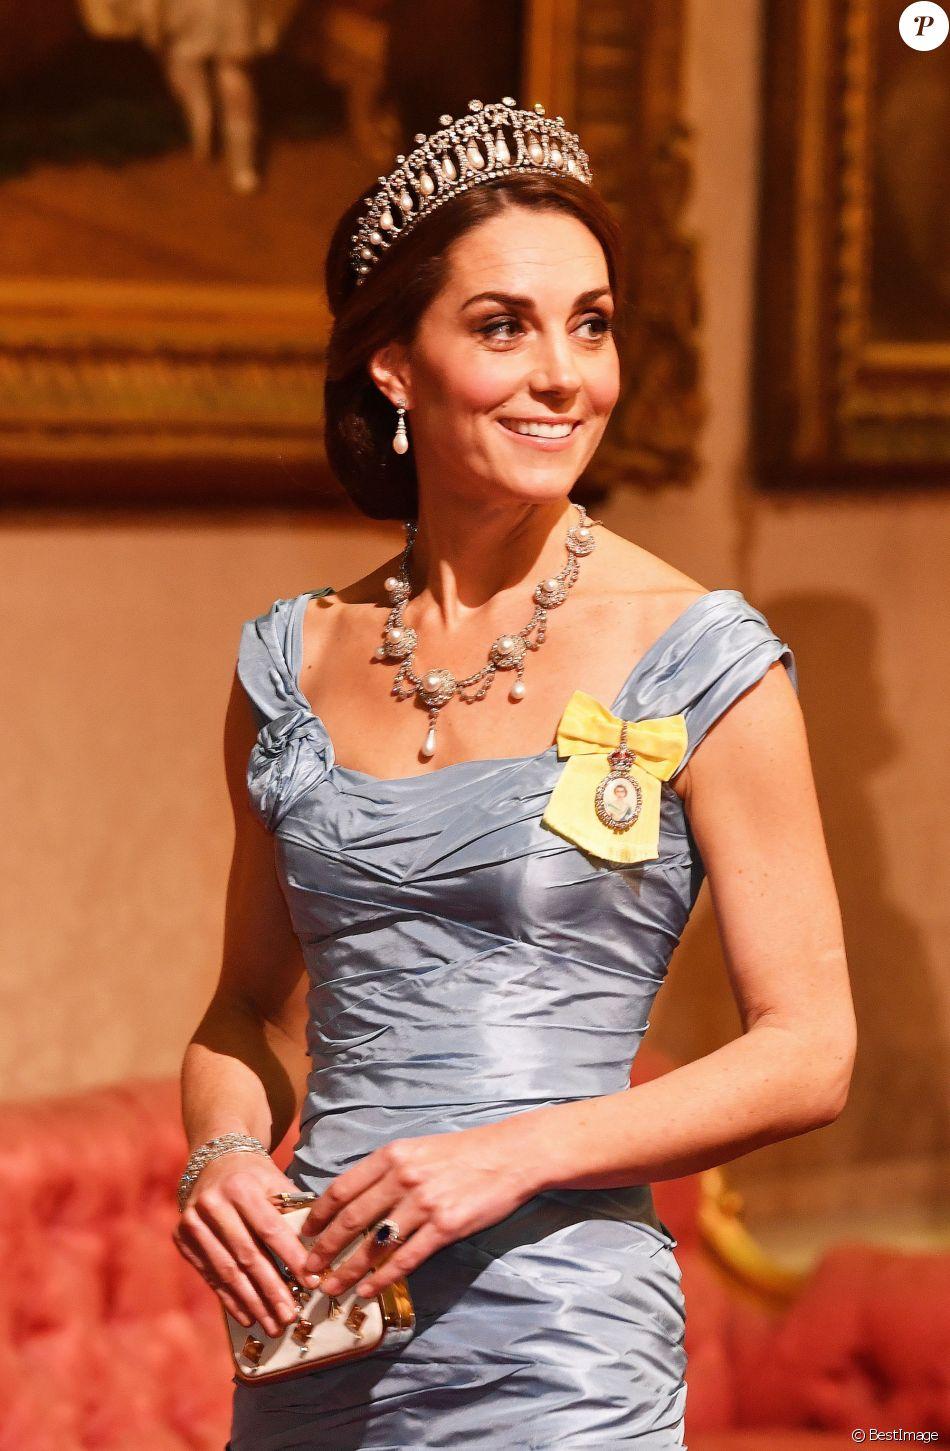 Catherine (Kate) Middleton, duchesse de Cambridge - Les souverains néerlandais assistent à un banquet d'Etat au palais de Buckingham de Londres, lors de leur visite d'État au Royaume-Uni, le 23 octobre 2018.